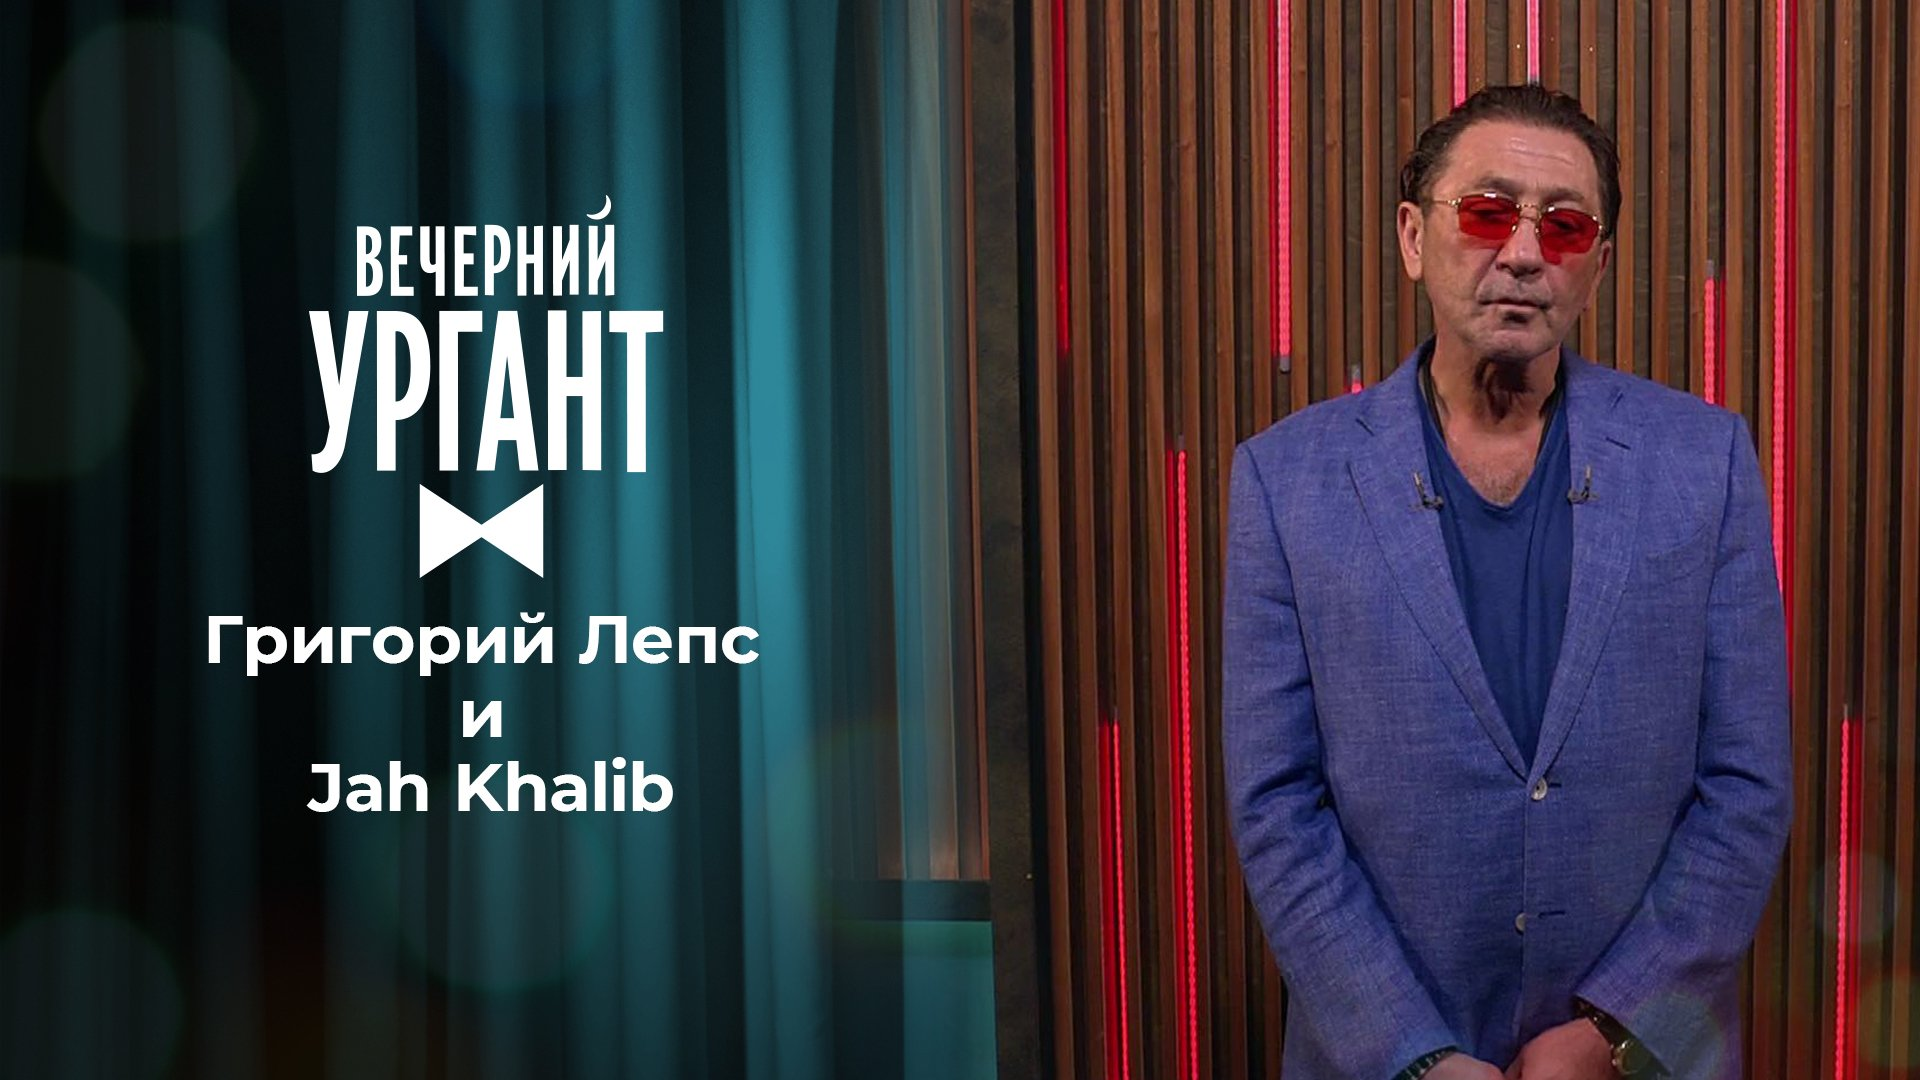 «Вечерний Ургант». Григорий Лепс иJah Khalib